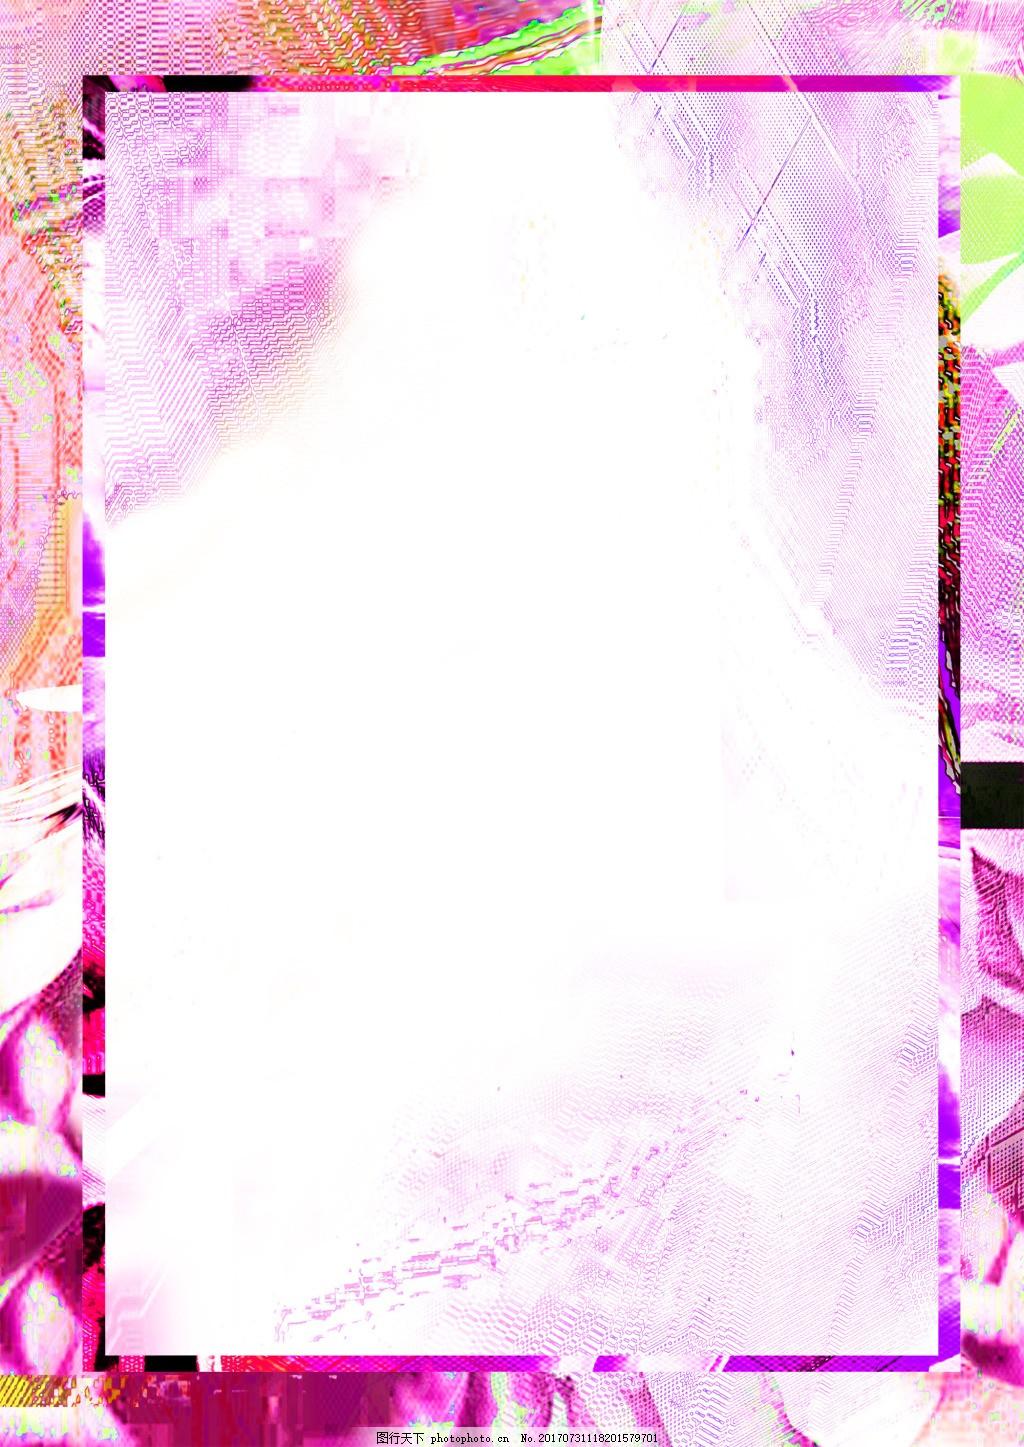 彩色渐变花纹边框背景 紫色 几何 油画 彩绘 花朵 海报